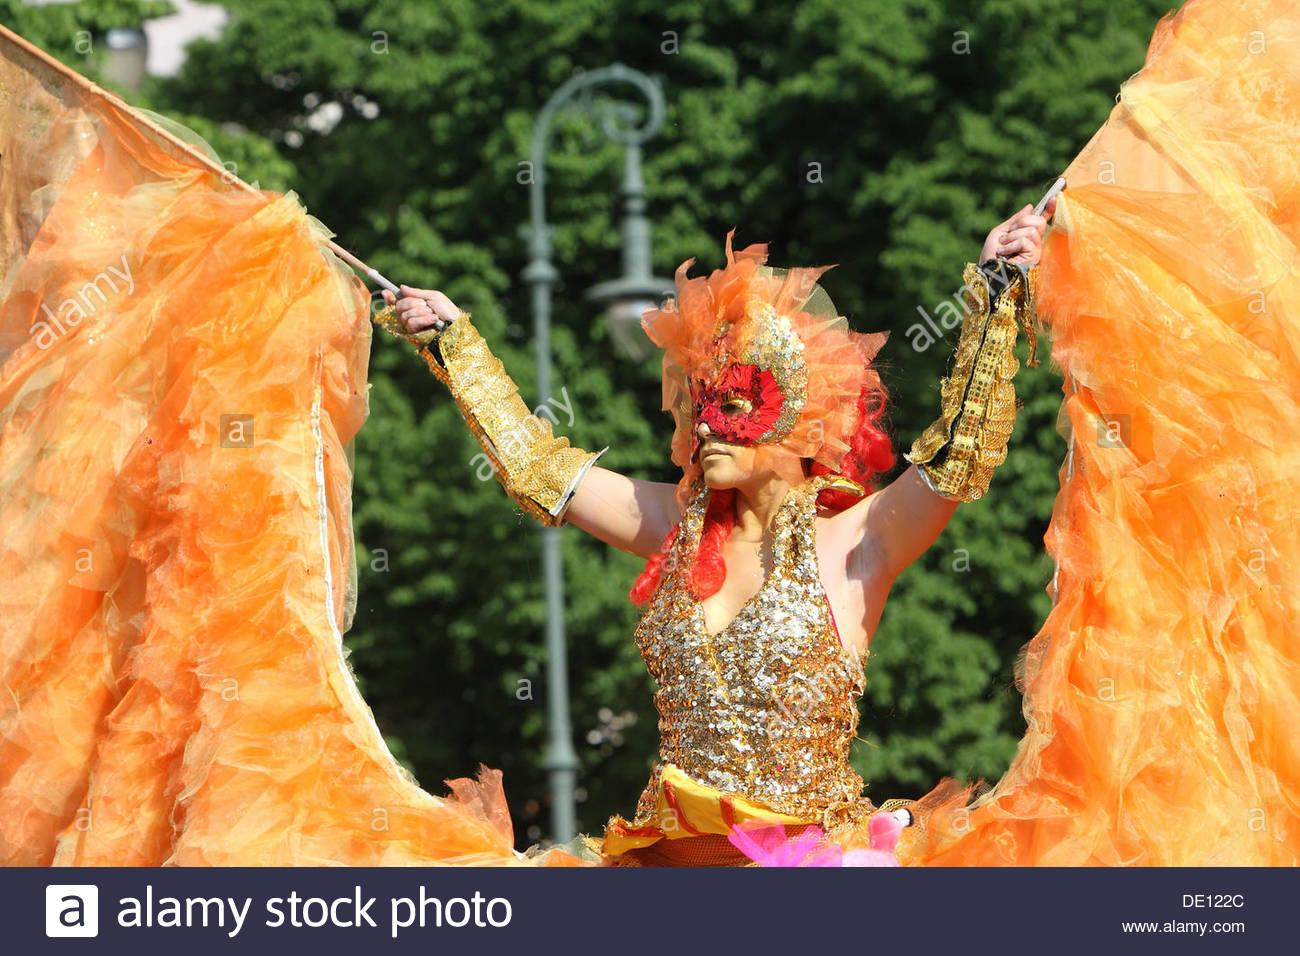 La bailarina, el Carnaval de las Culturas, Berlín Imagen De Stock